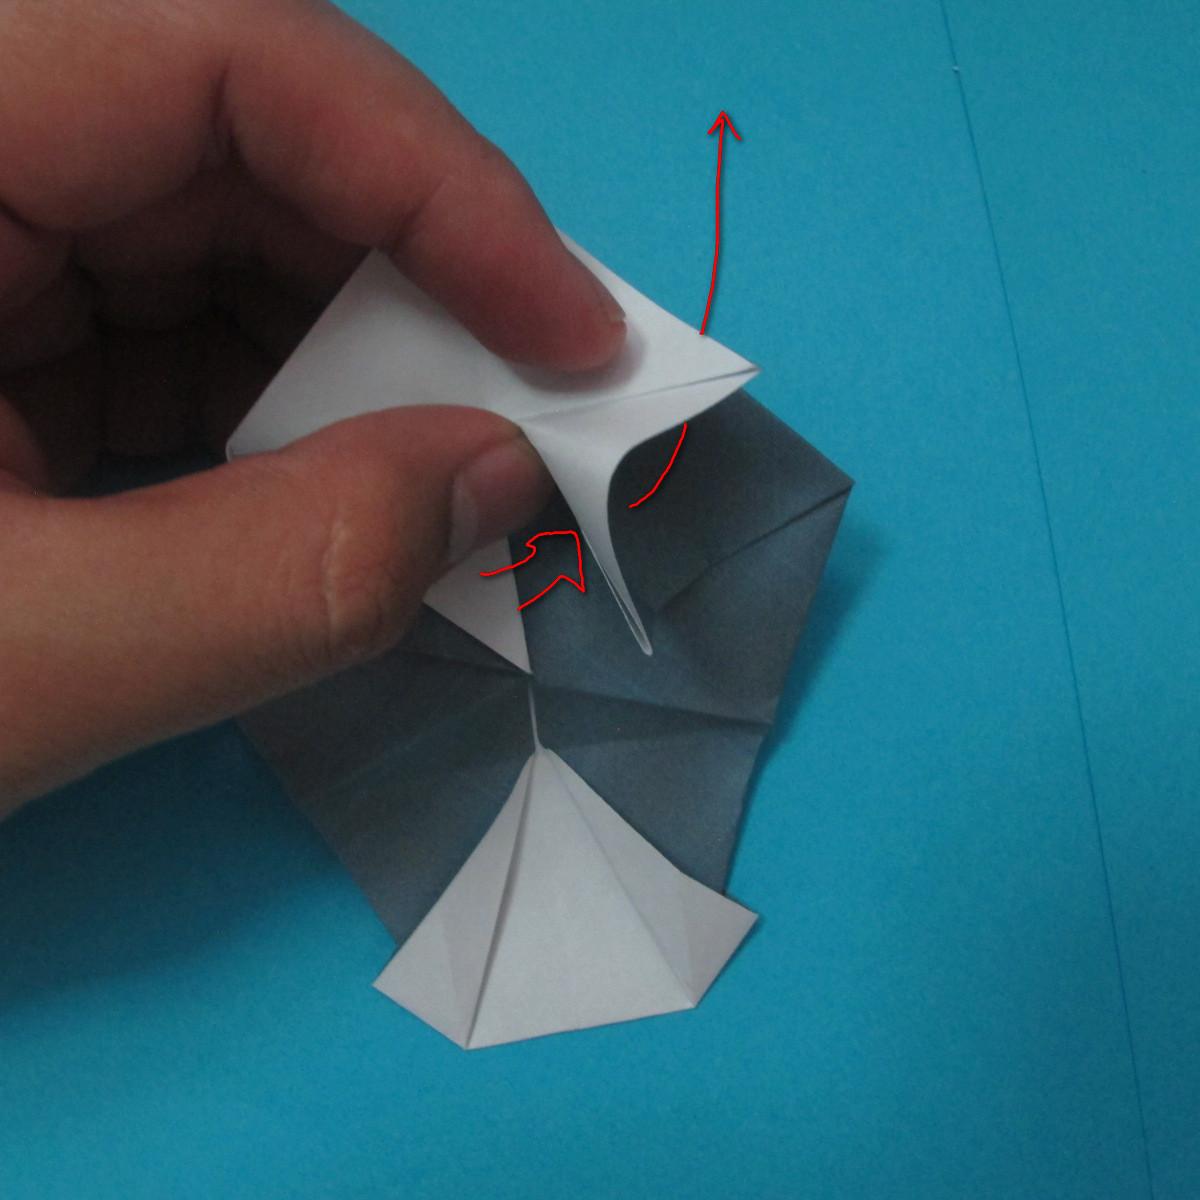 วิธีการพับกระดาษเป็นรูปนกเค้าแมว 021